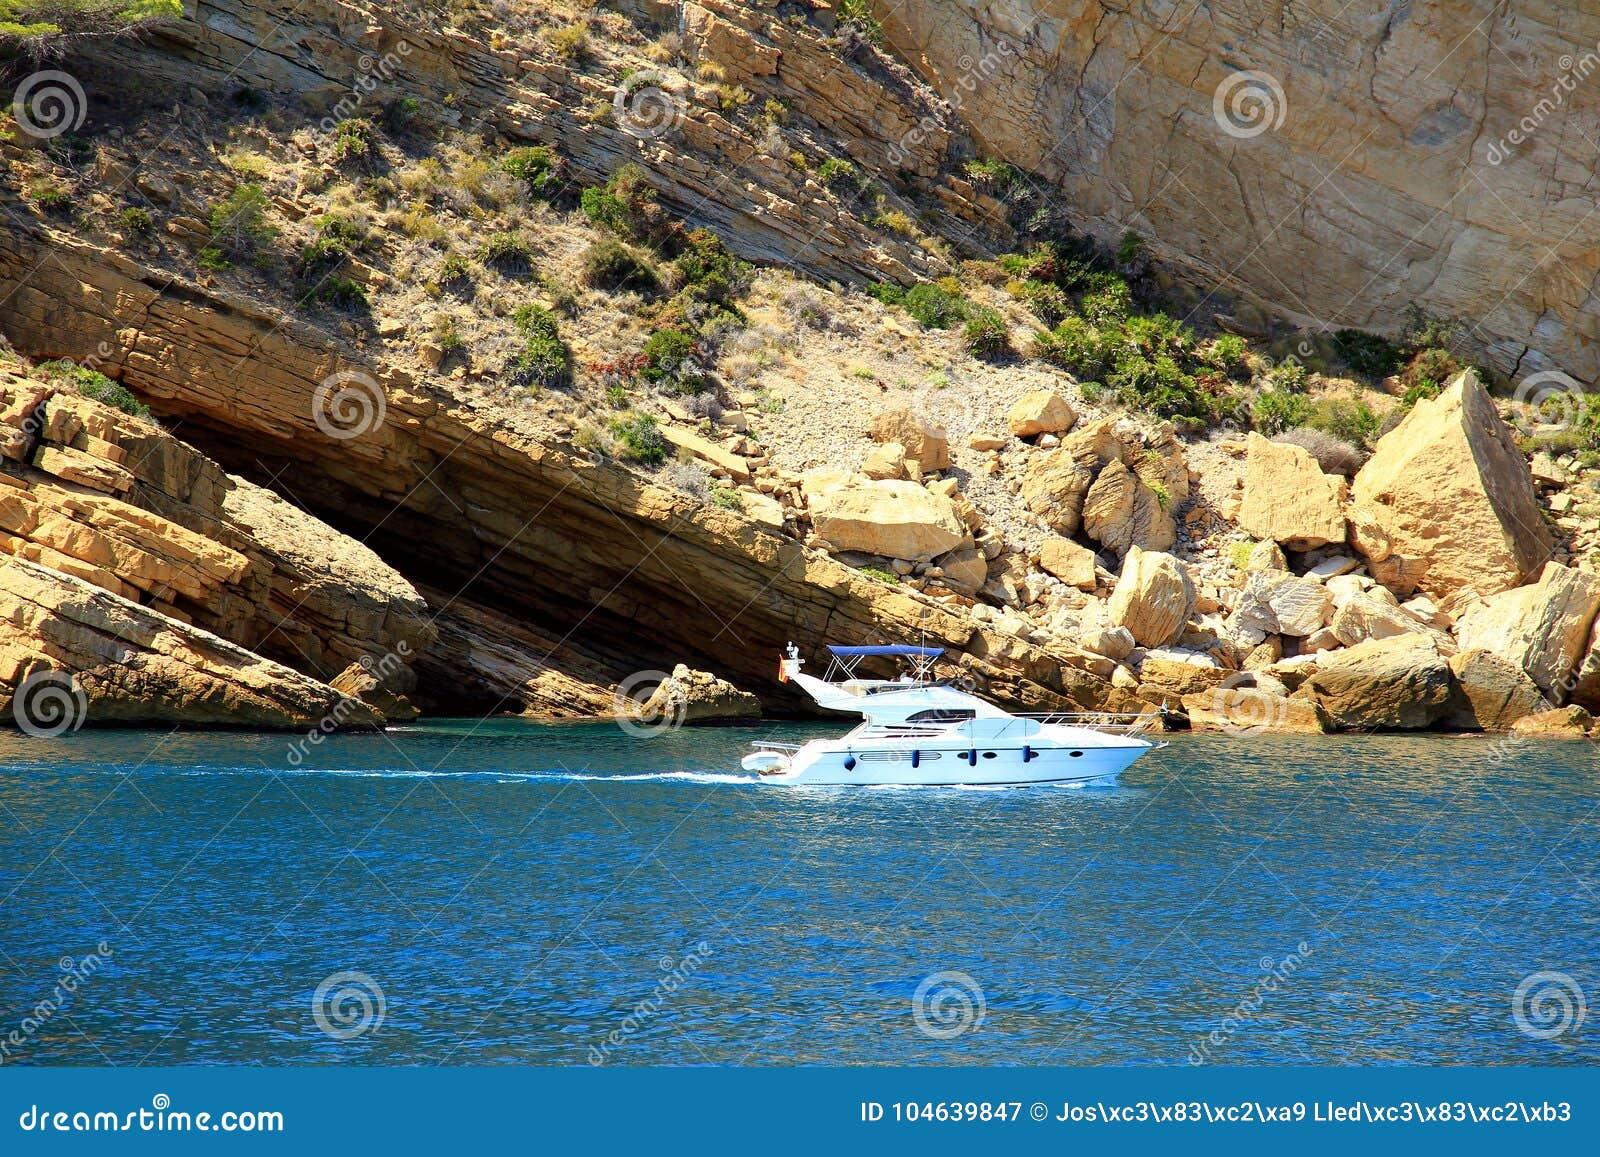 Download Toeristische Kust Van Moraira Met Al Type Van Jachten En Zeilboten Redactionele Fotografie - Afbeelding bestaande uit zeilboten, vakantie: 104639847